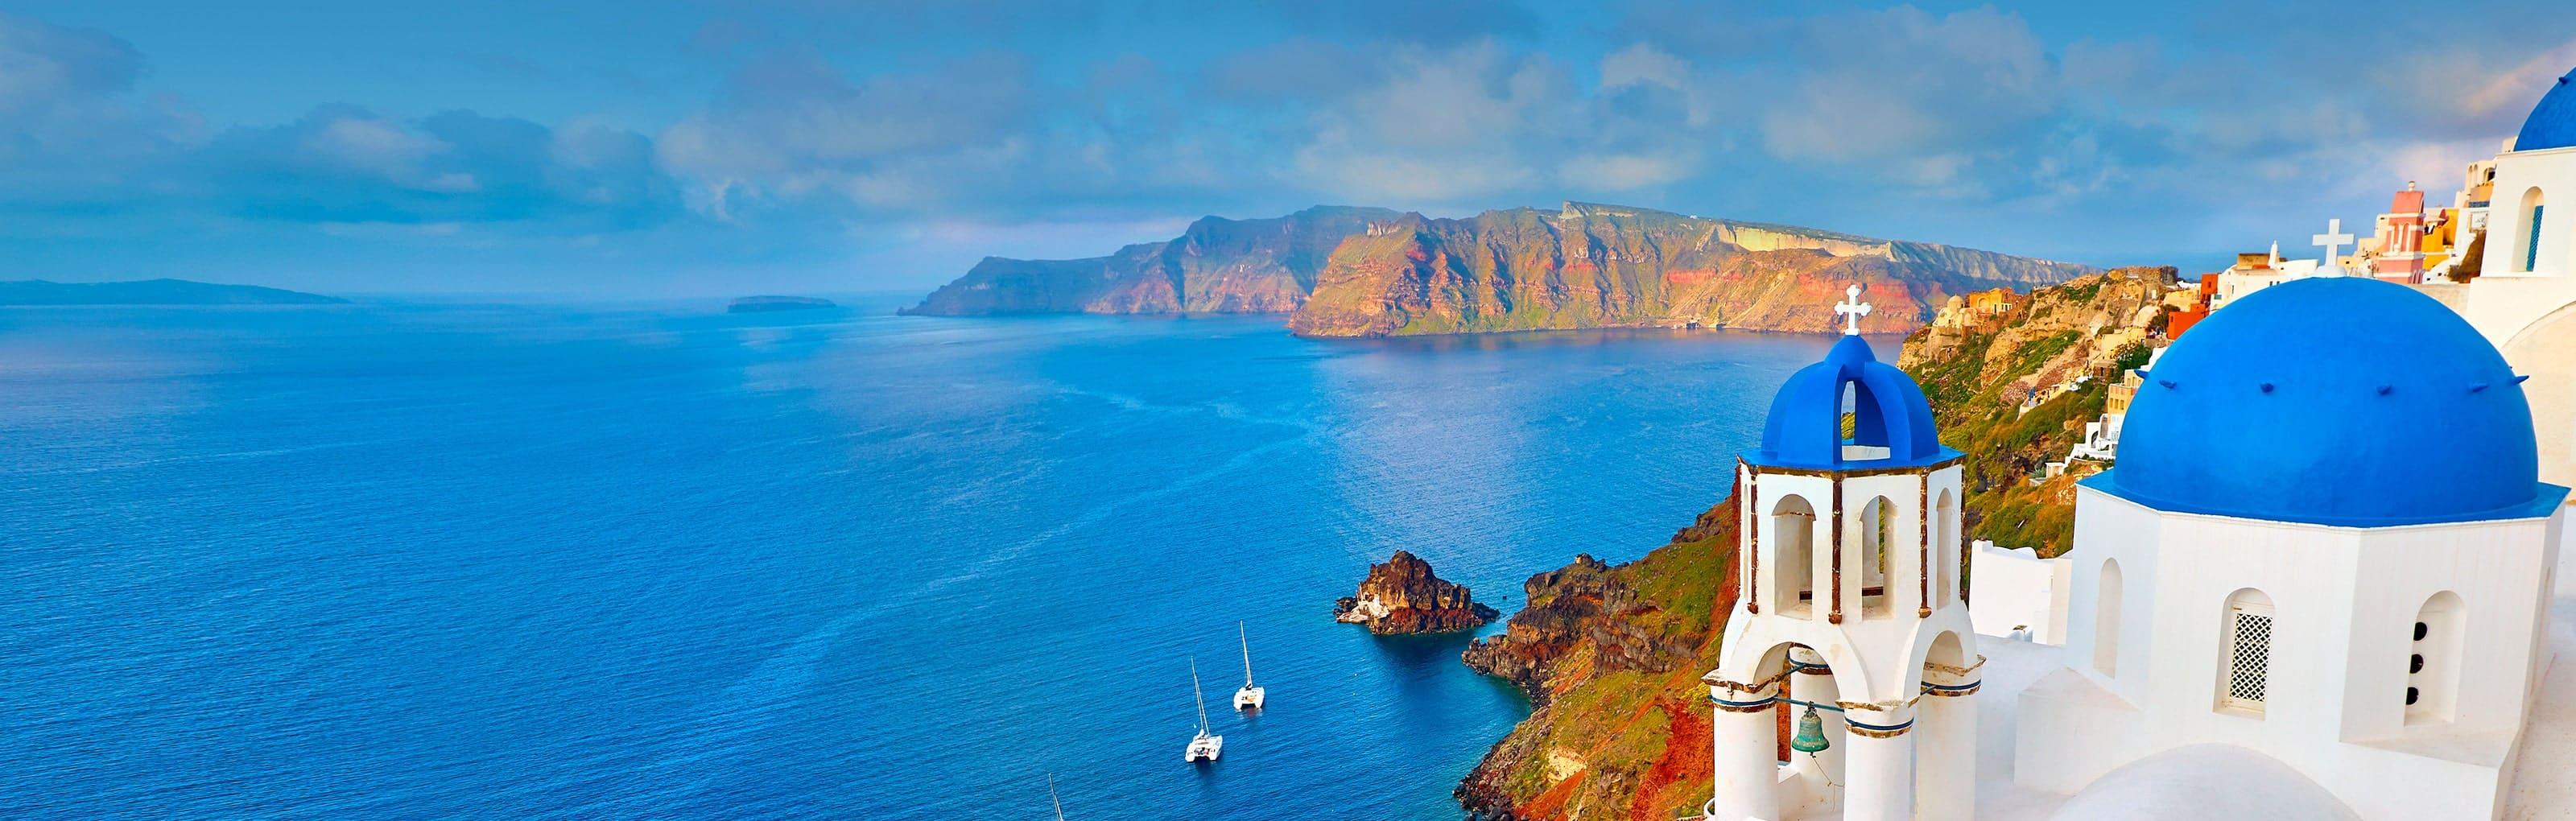 Libre en Mer de Norwegian | Croisières et offres de croisière